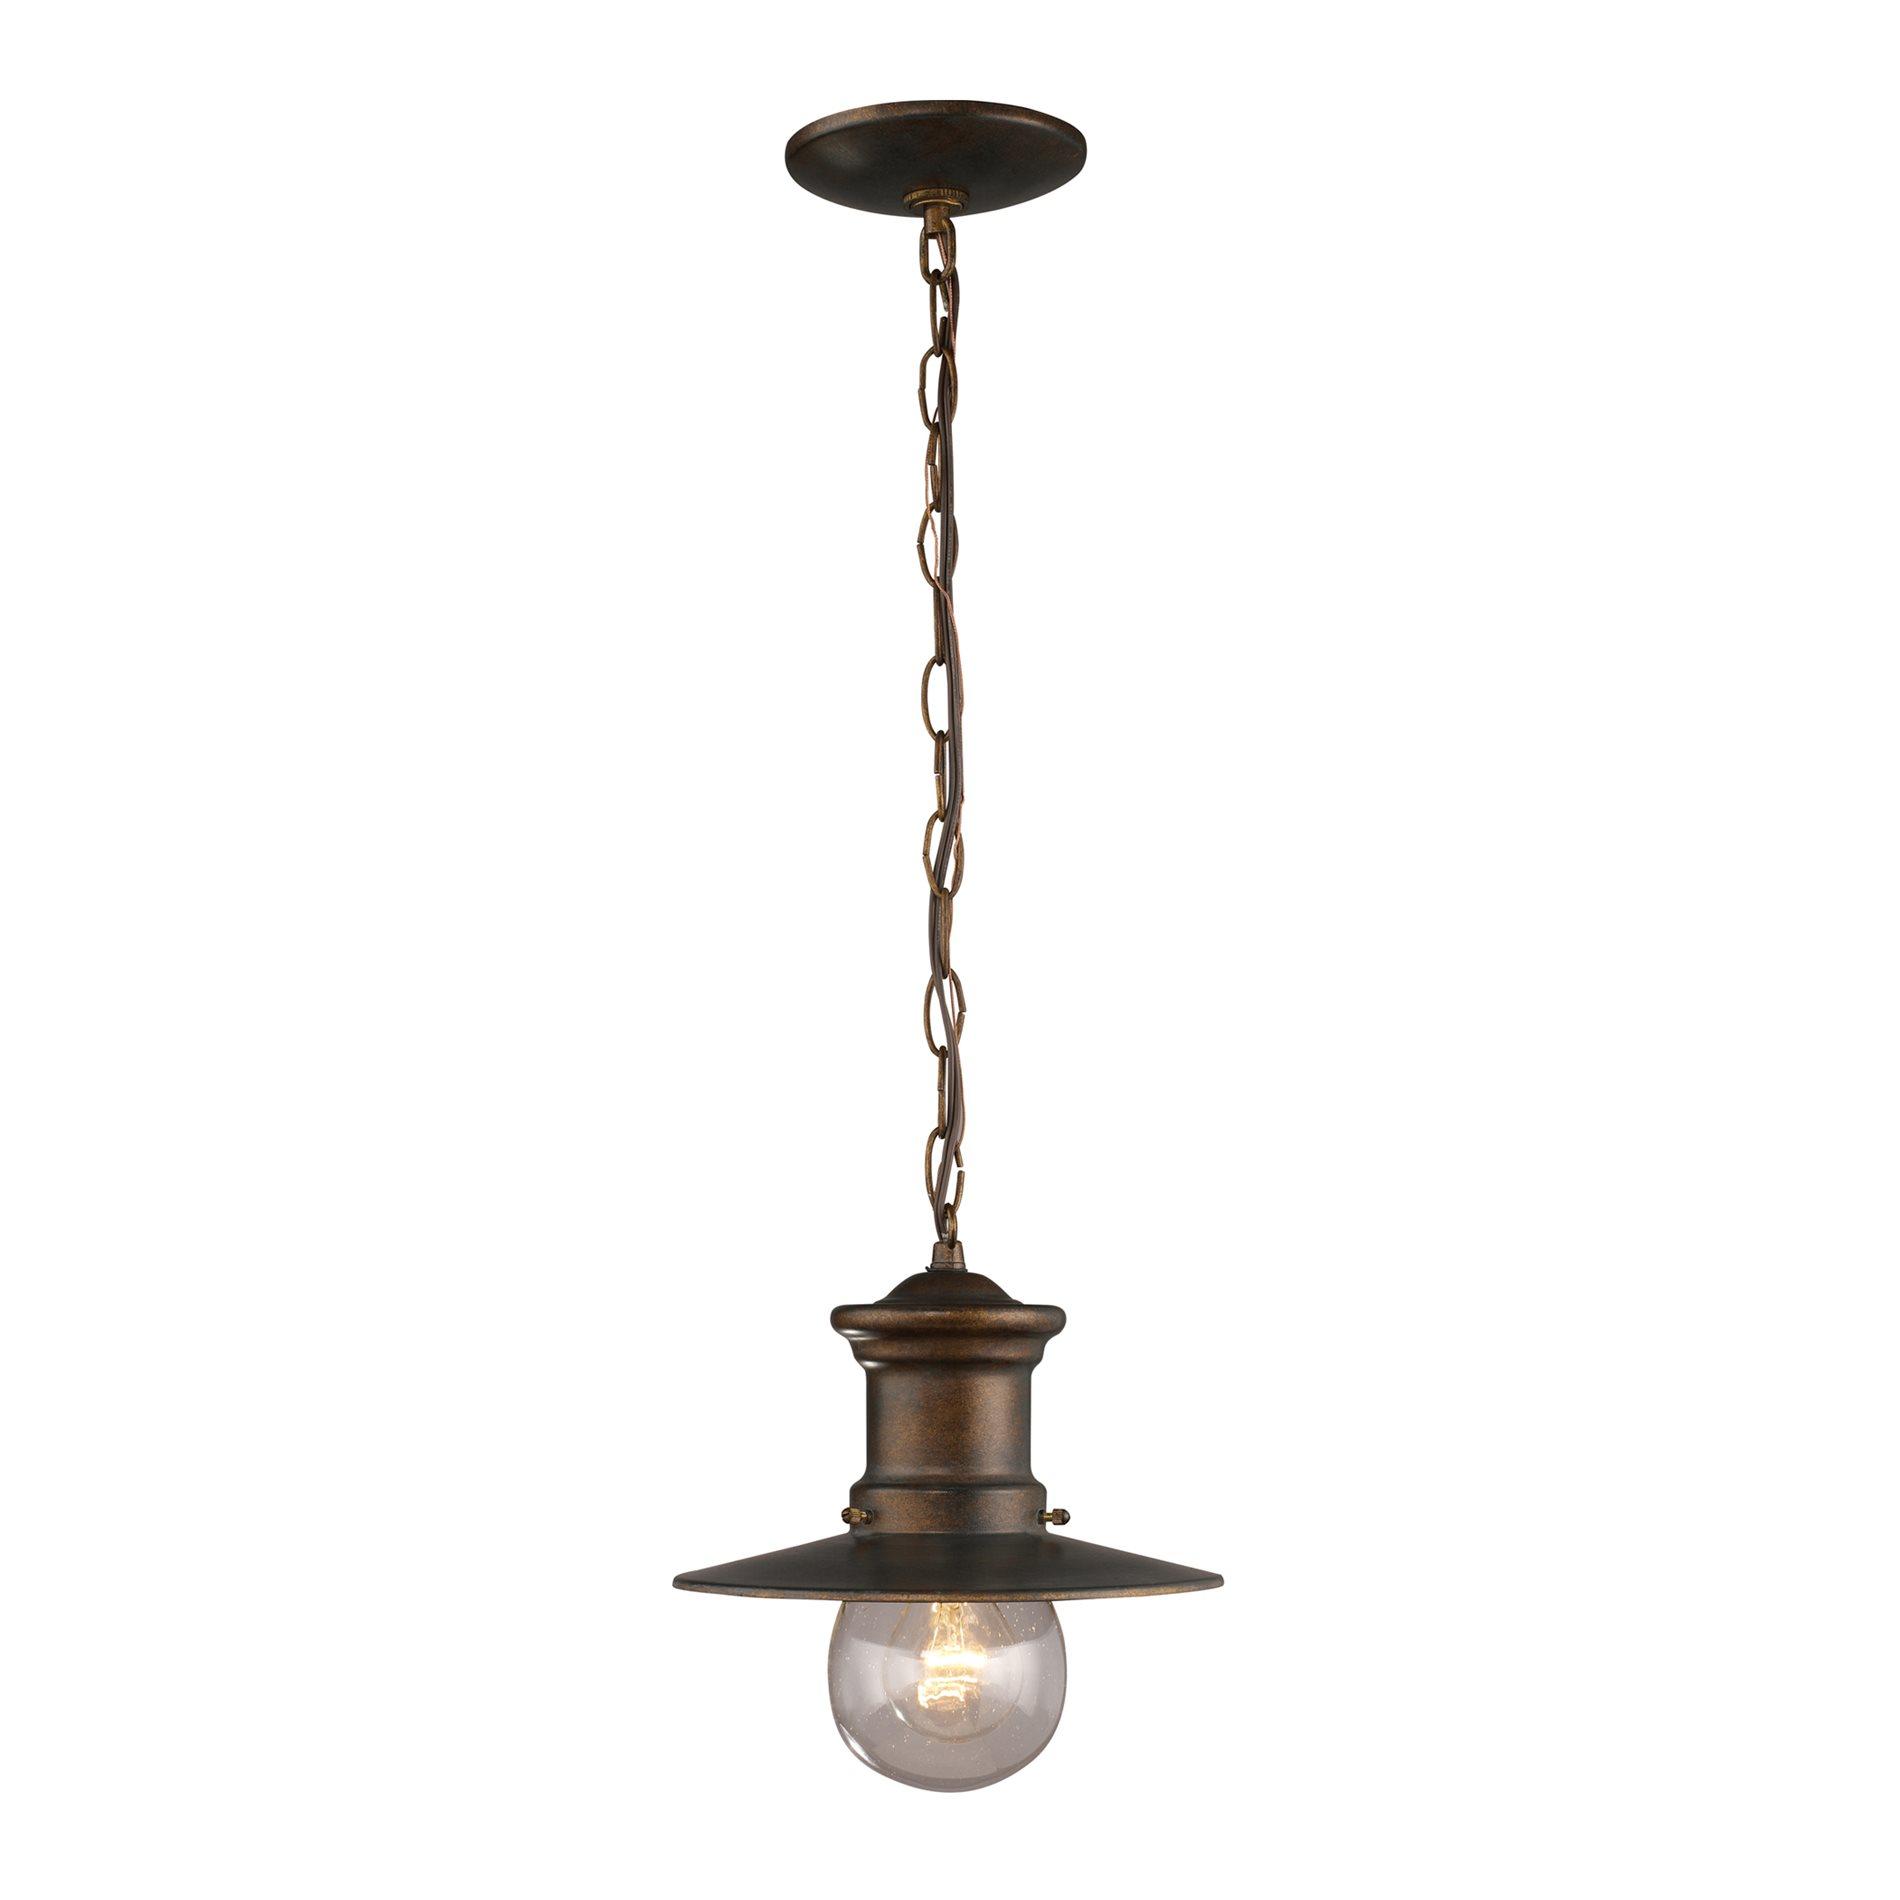 Traditional Outdoor Pendant Lighting : Elk lighting maritime traditional outdoor hanging